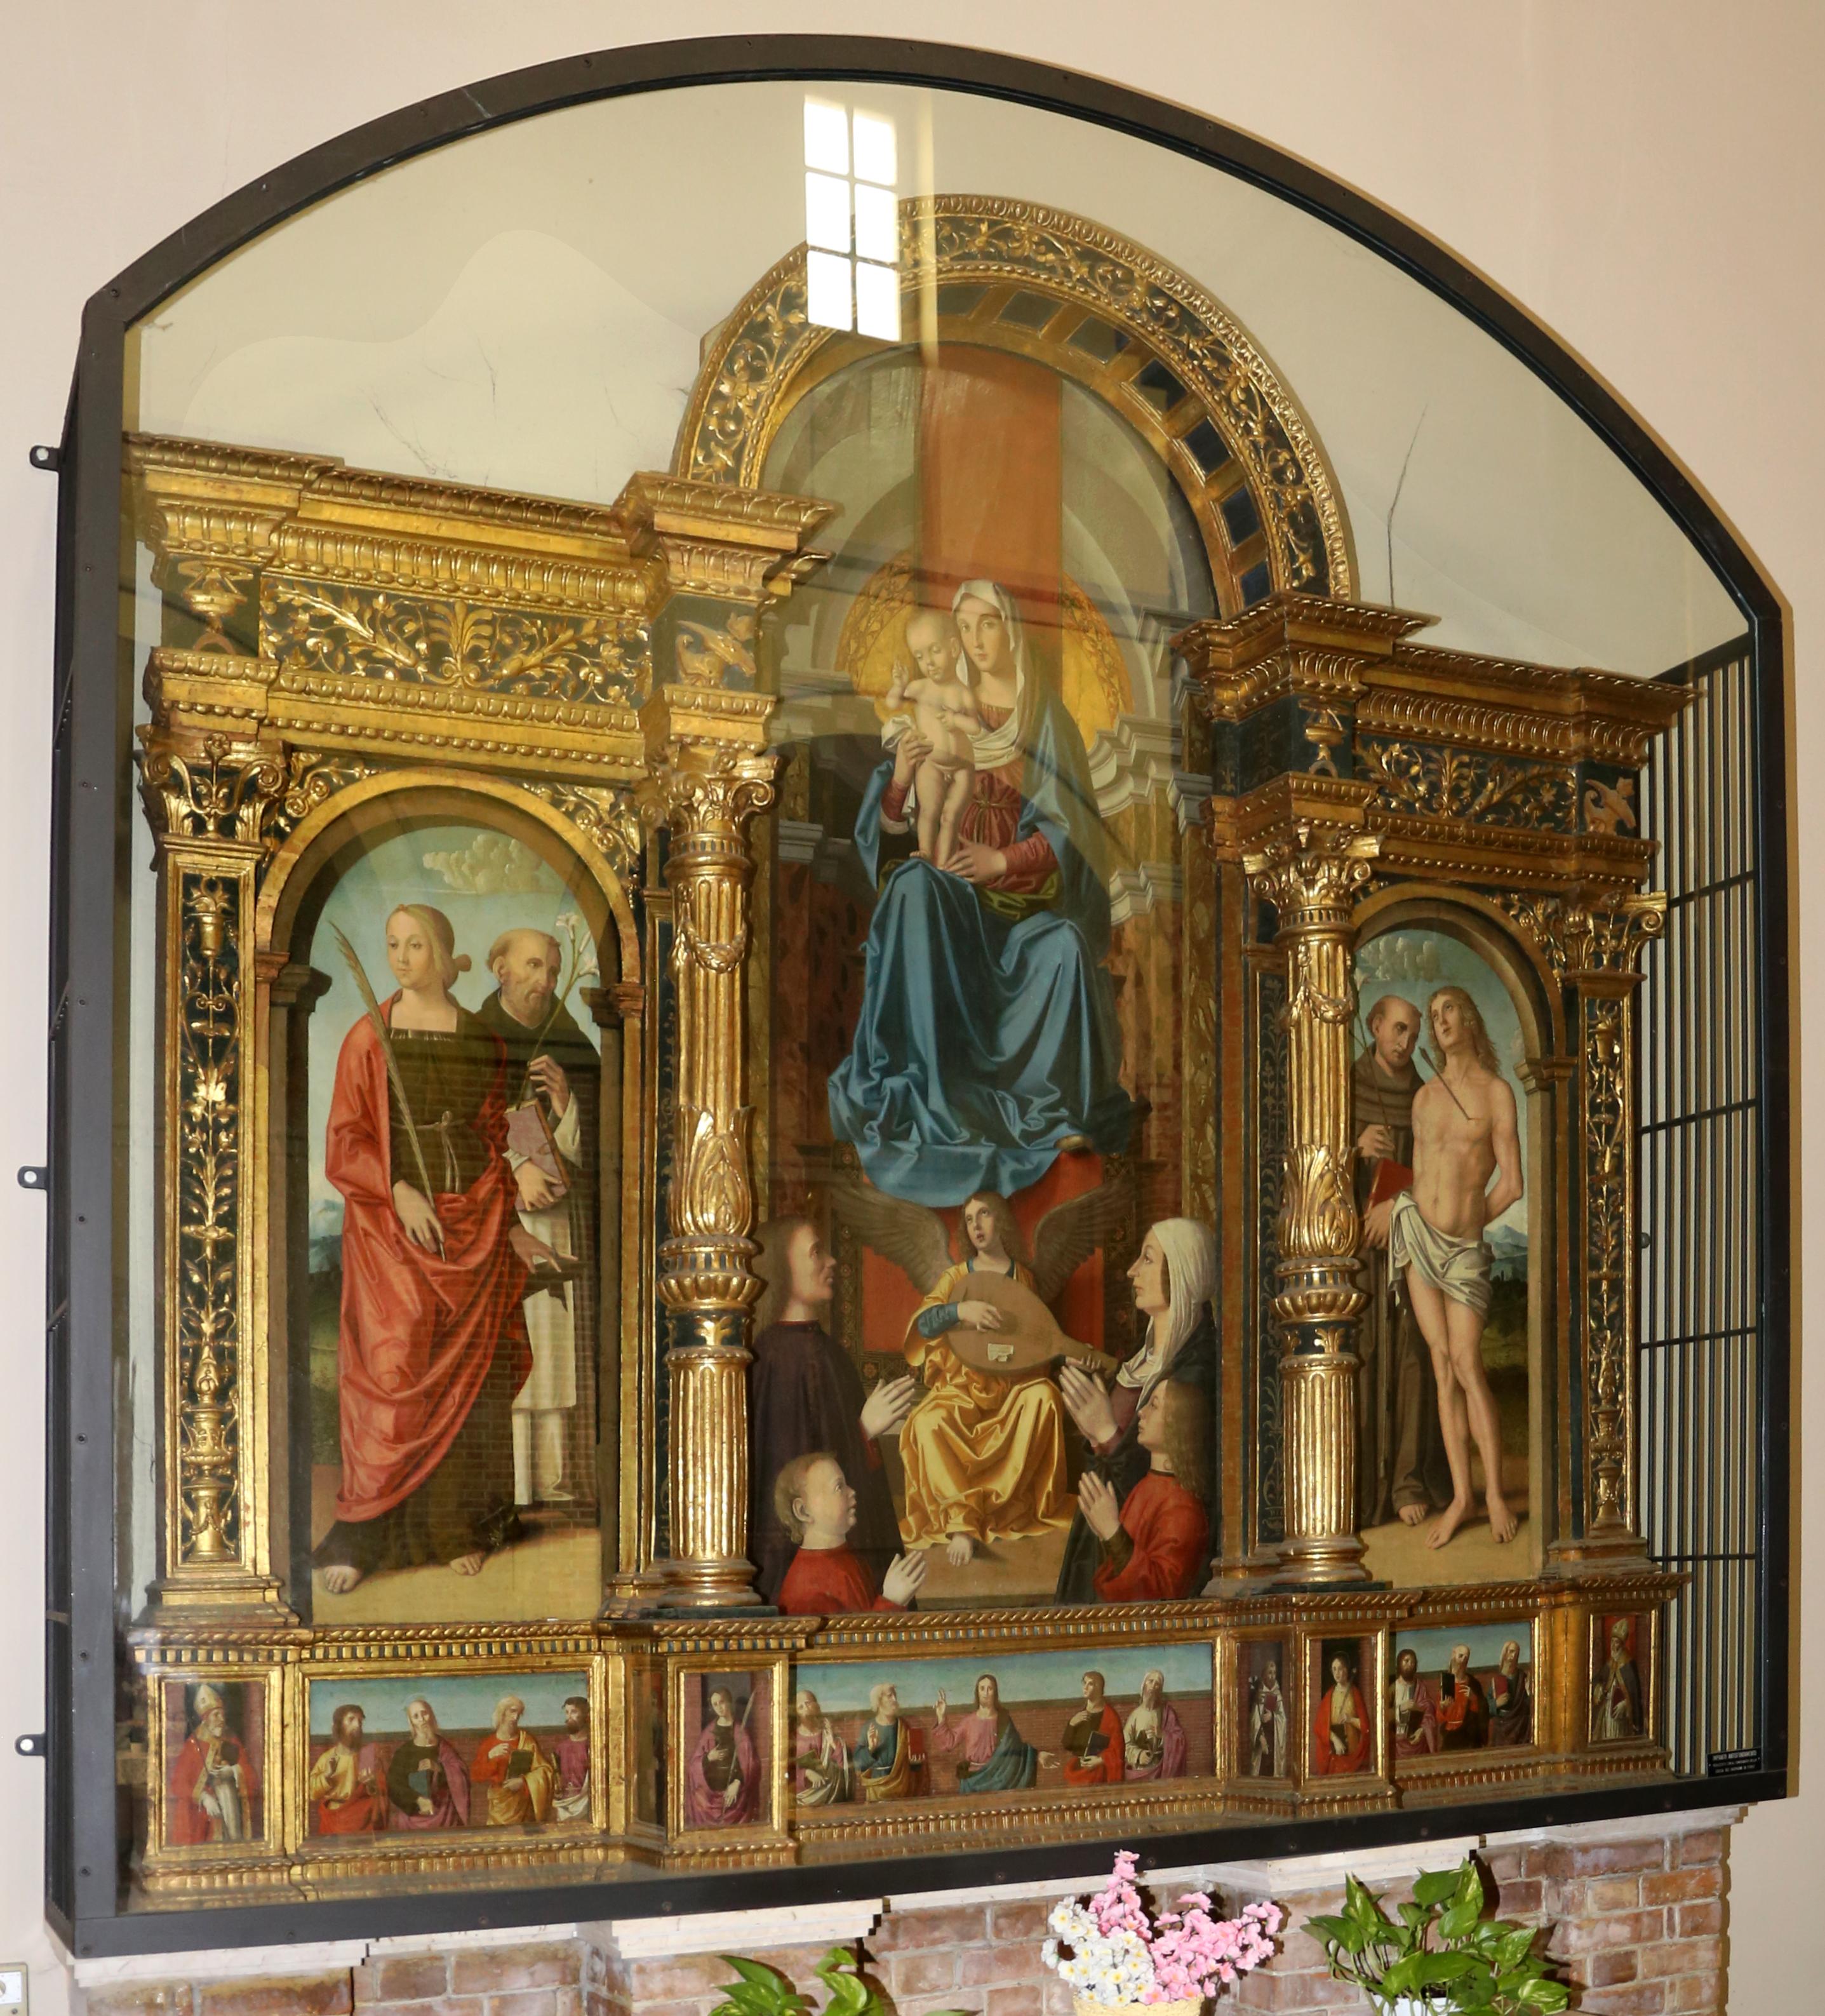 1486 Marco_palmezzano,_trittico famiglia Accorzi Chiesa di San Biagio (Forlì)